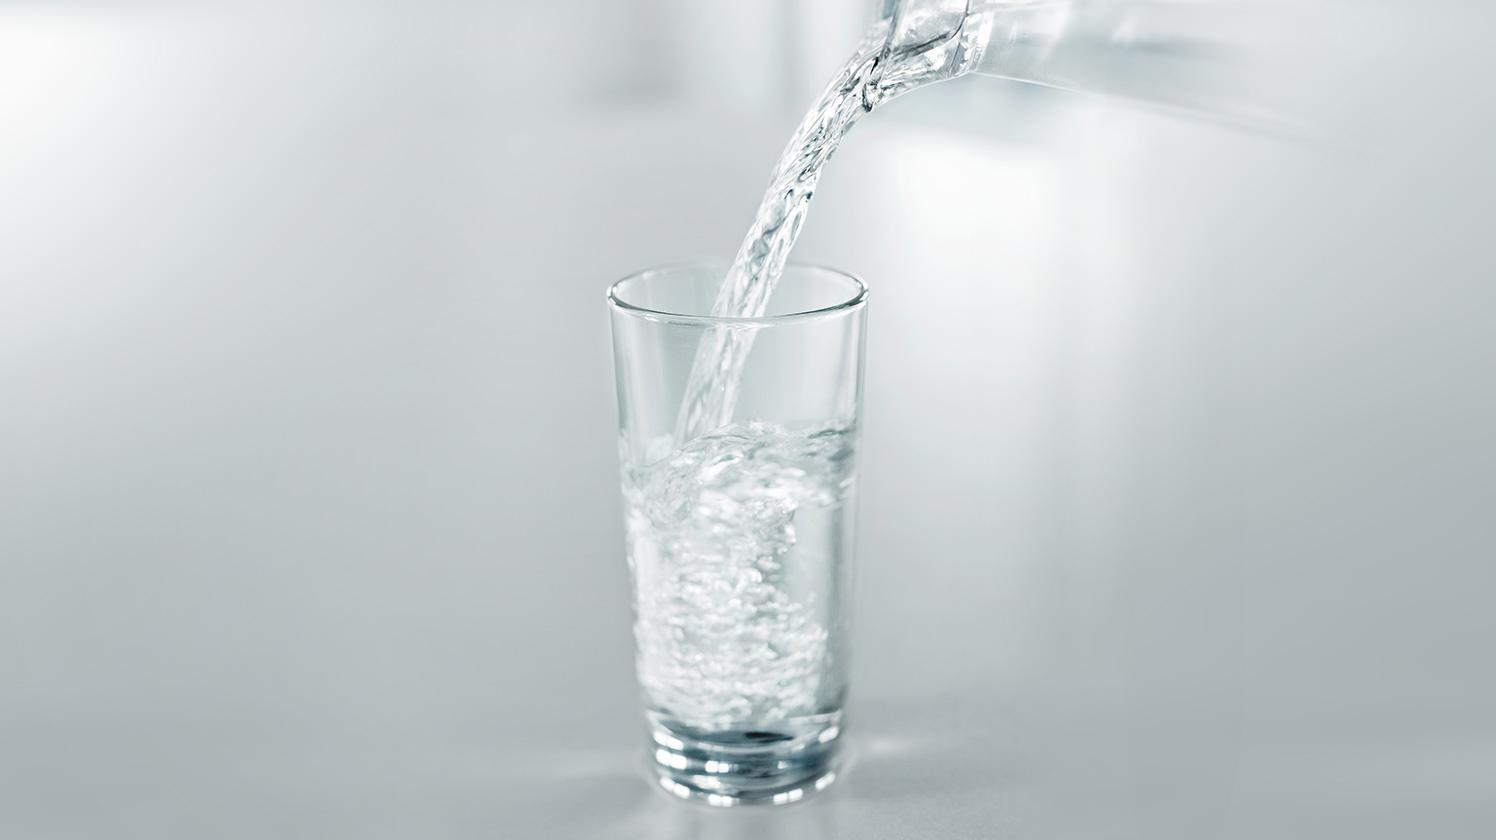 BRITA persönlicher Wasserbedarf füllen Glas Wasser